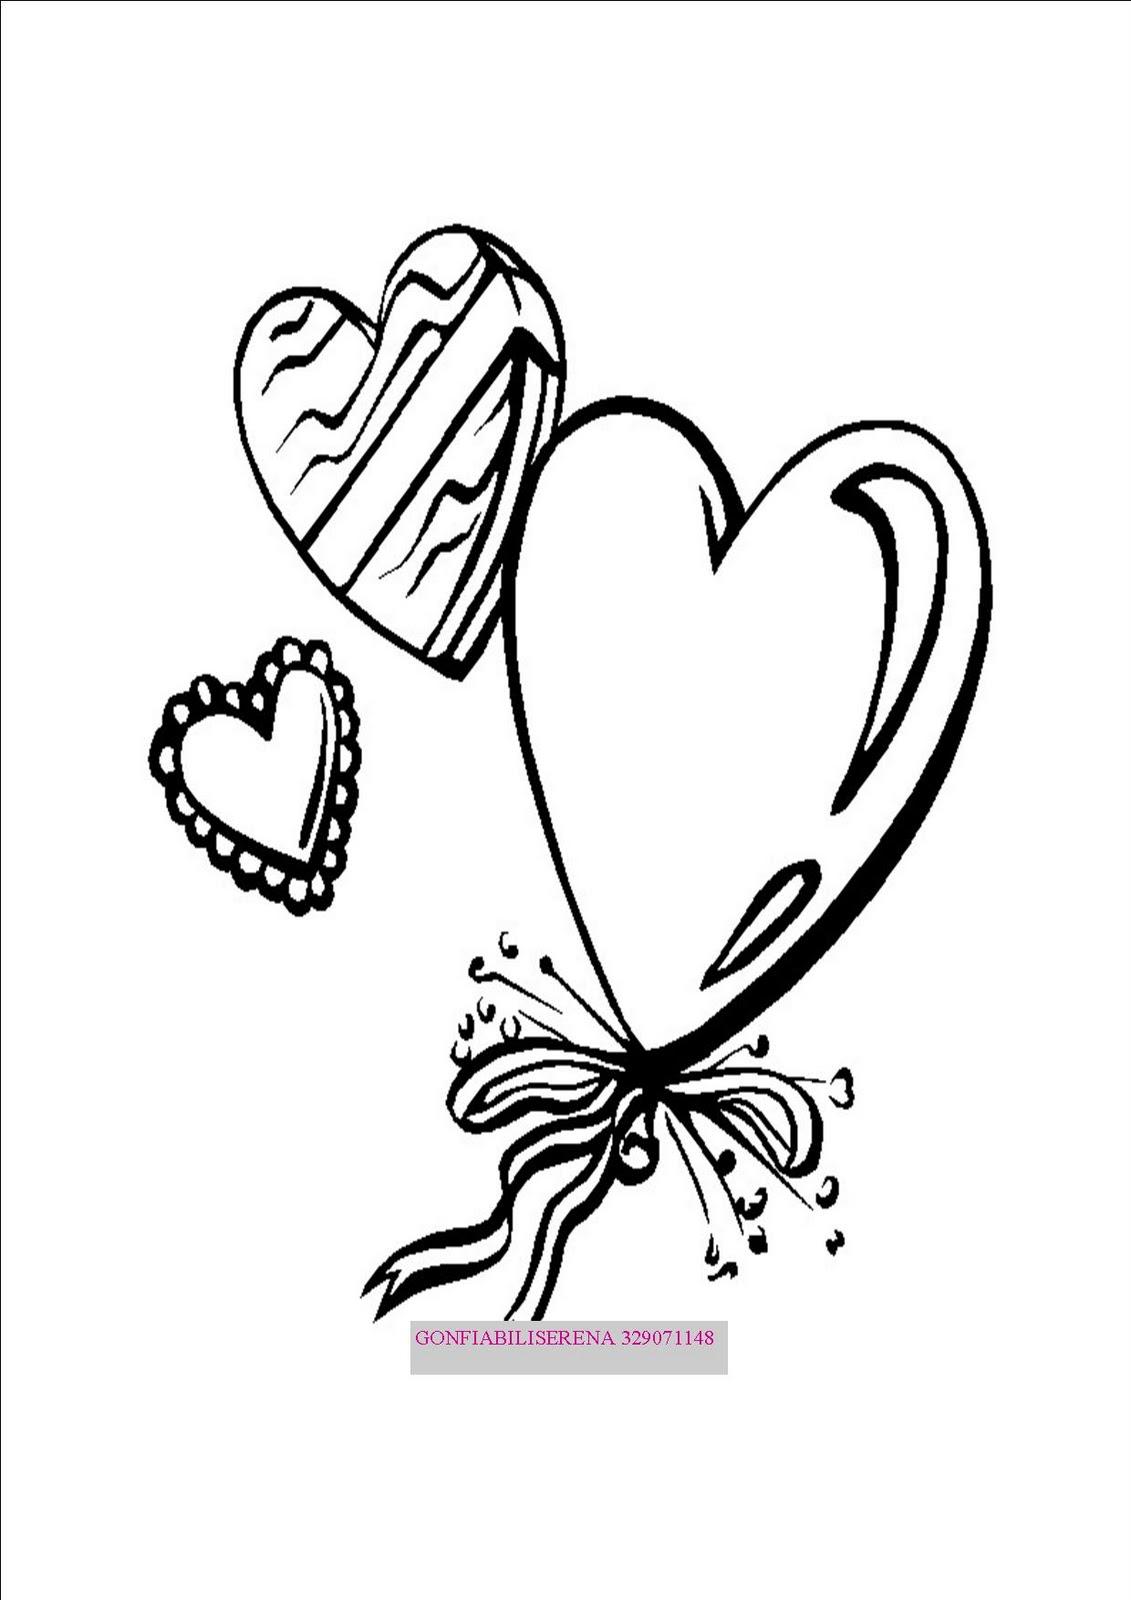 Gonfiabiliserena disegni gratis da colorare per san valentino for Disegni da colorare cuori